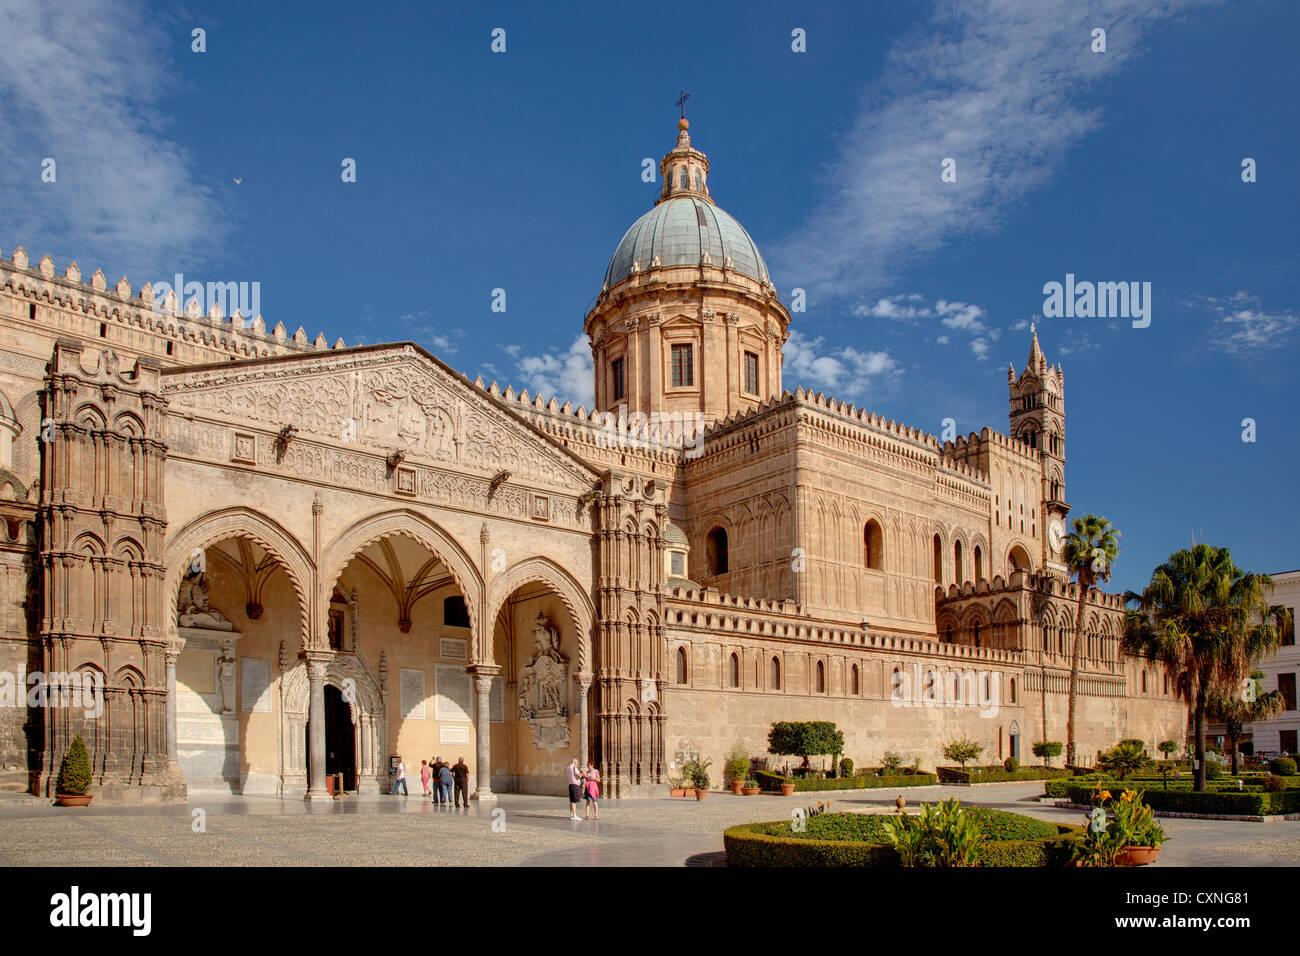 Cattedrale della Santa Vergine Maria Assunta, Palermo ...